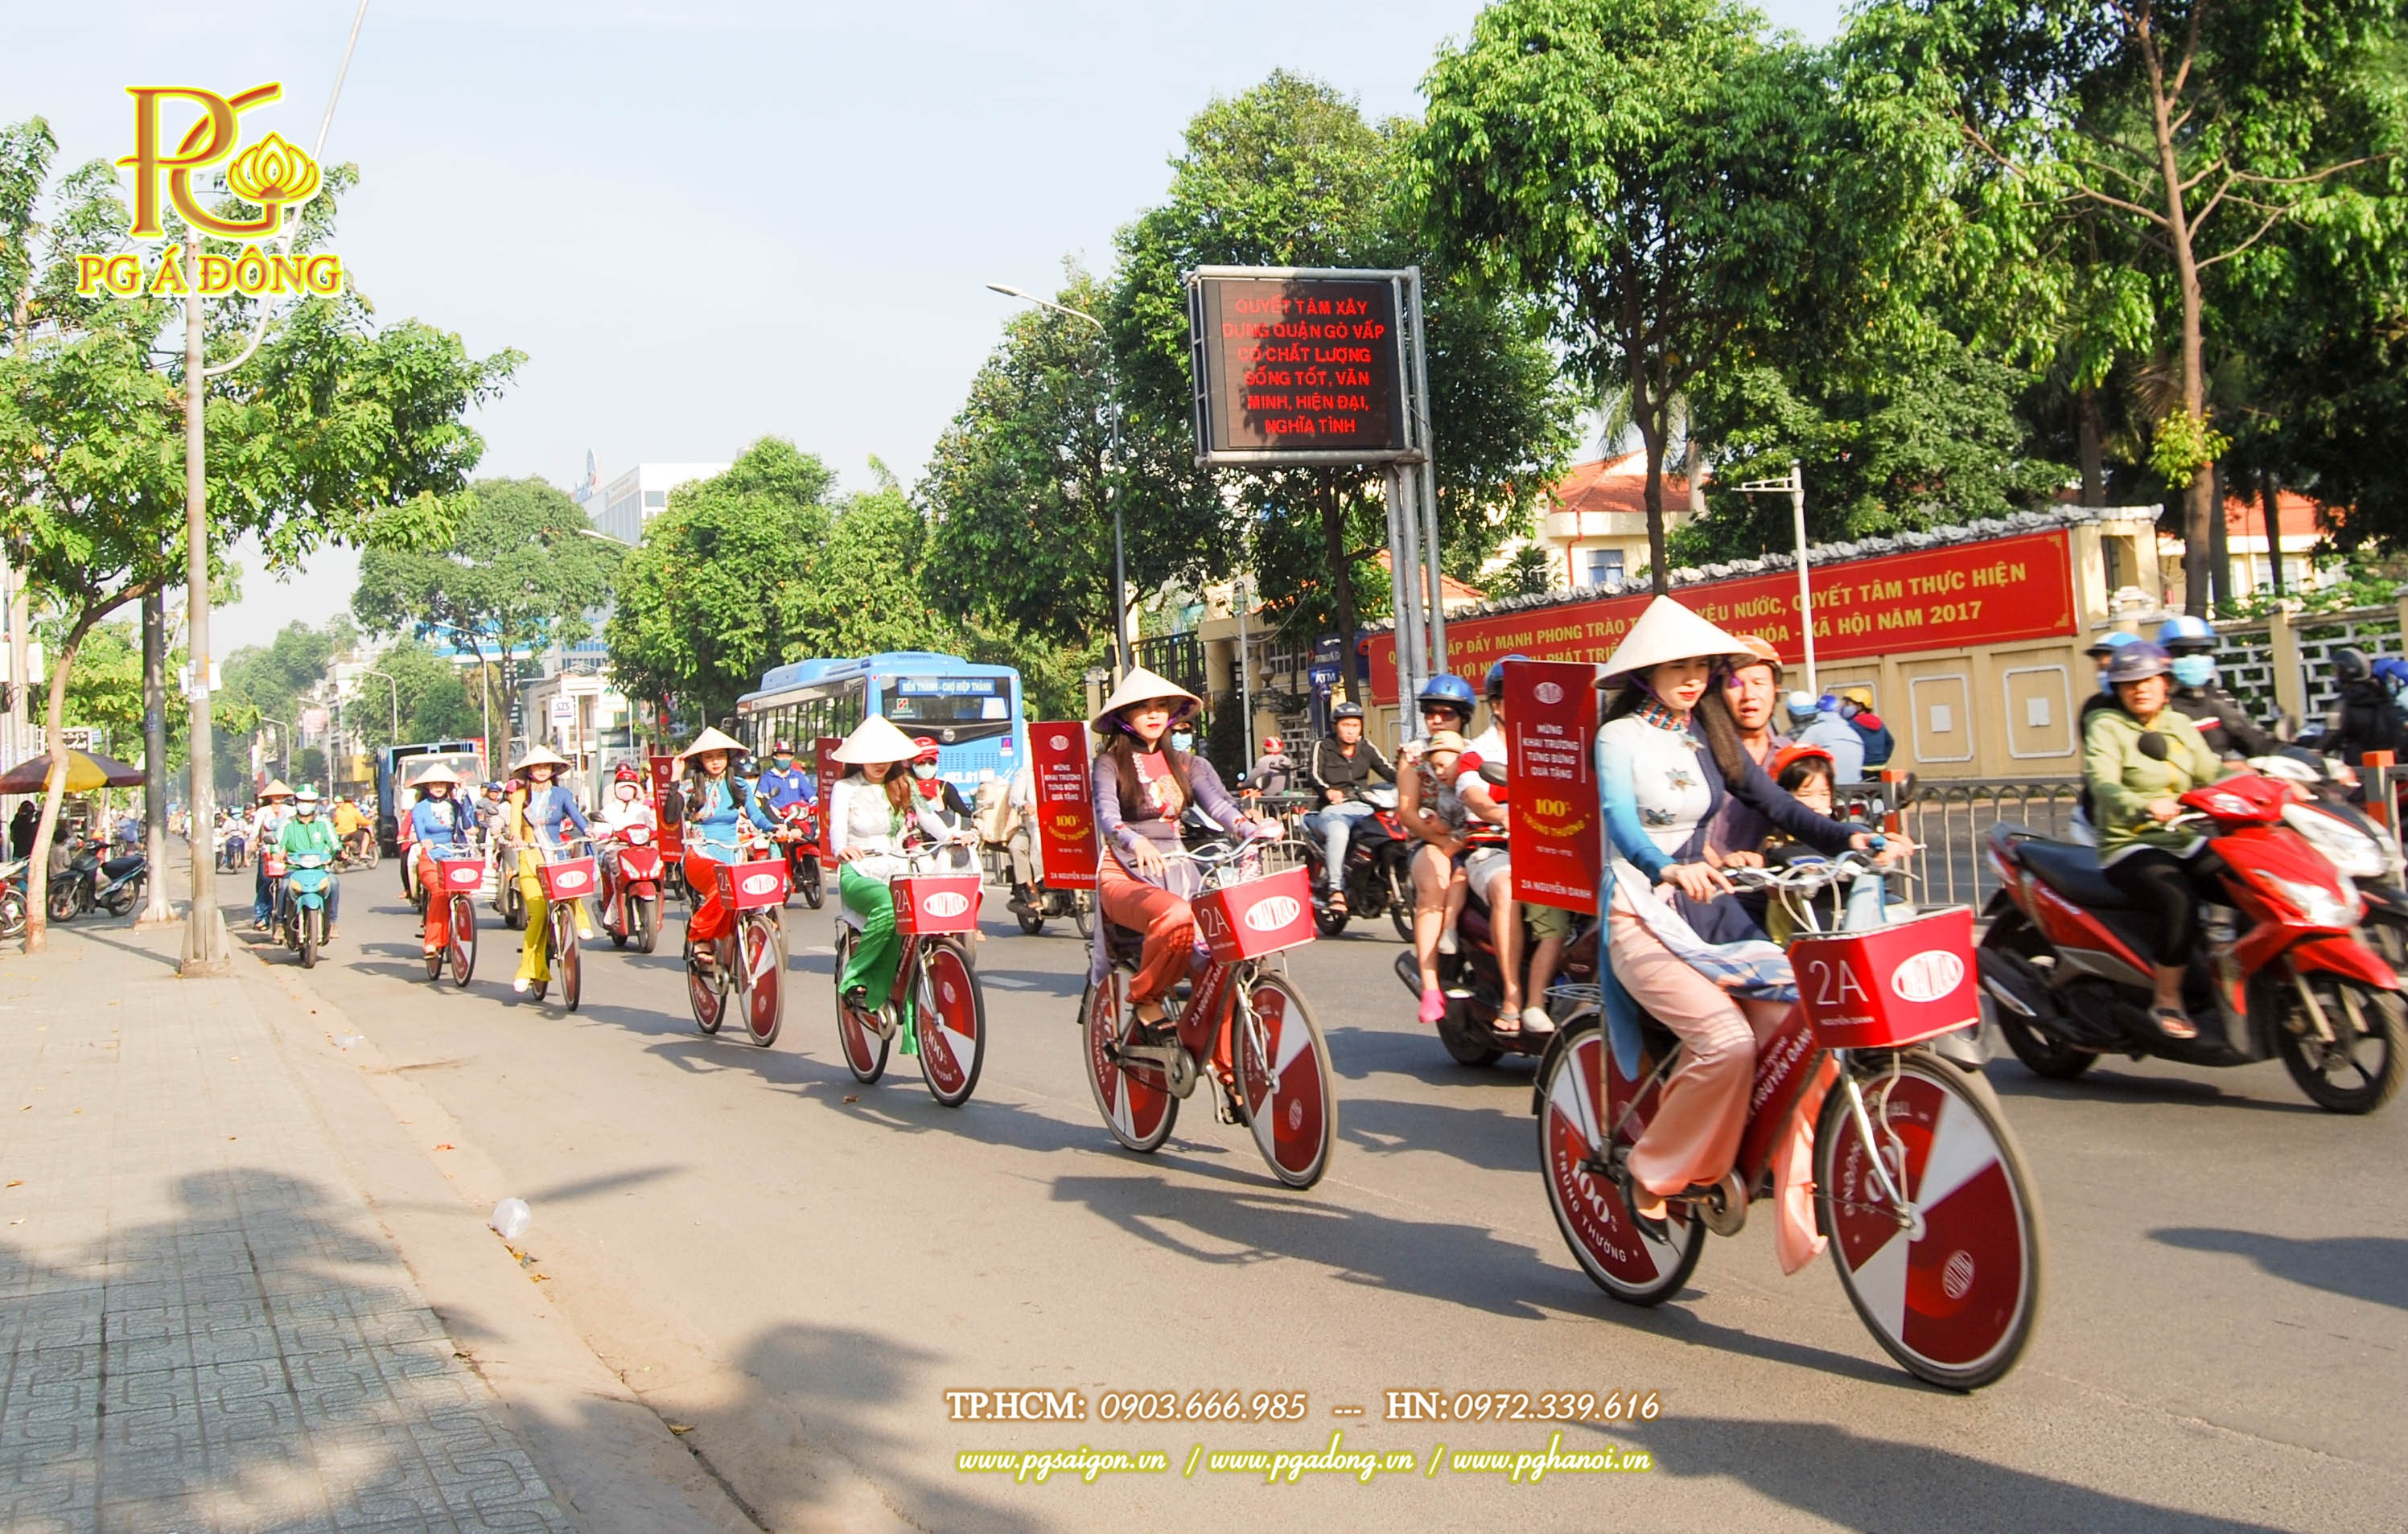 Đoàn roadshow xe đạp nổi bật trên đường Nguyễn Kiệm